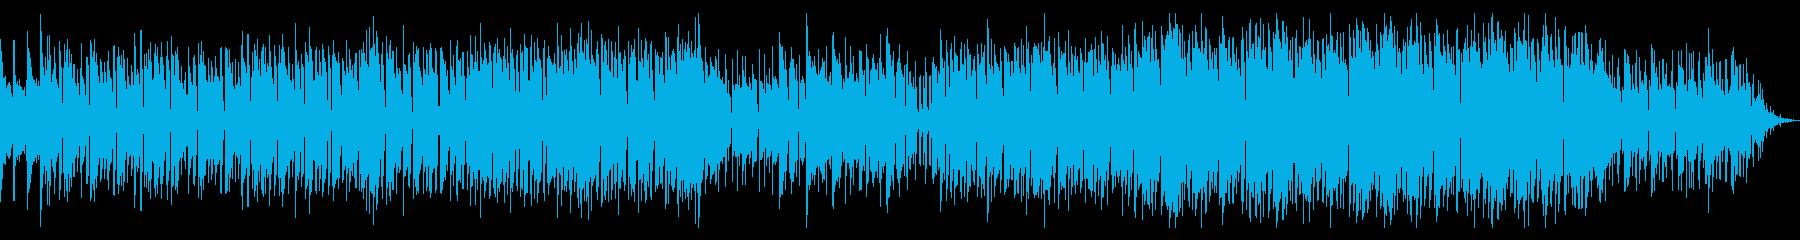 ハネモノエレピトリオの再生済みの波形